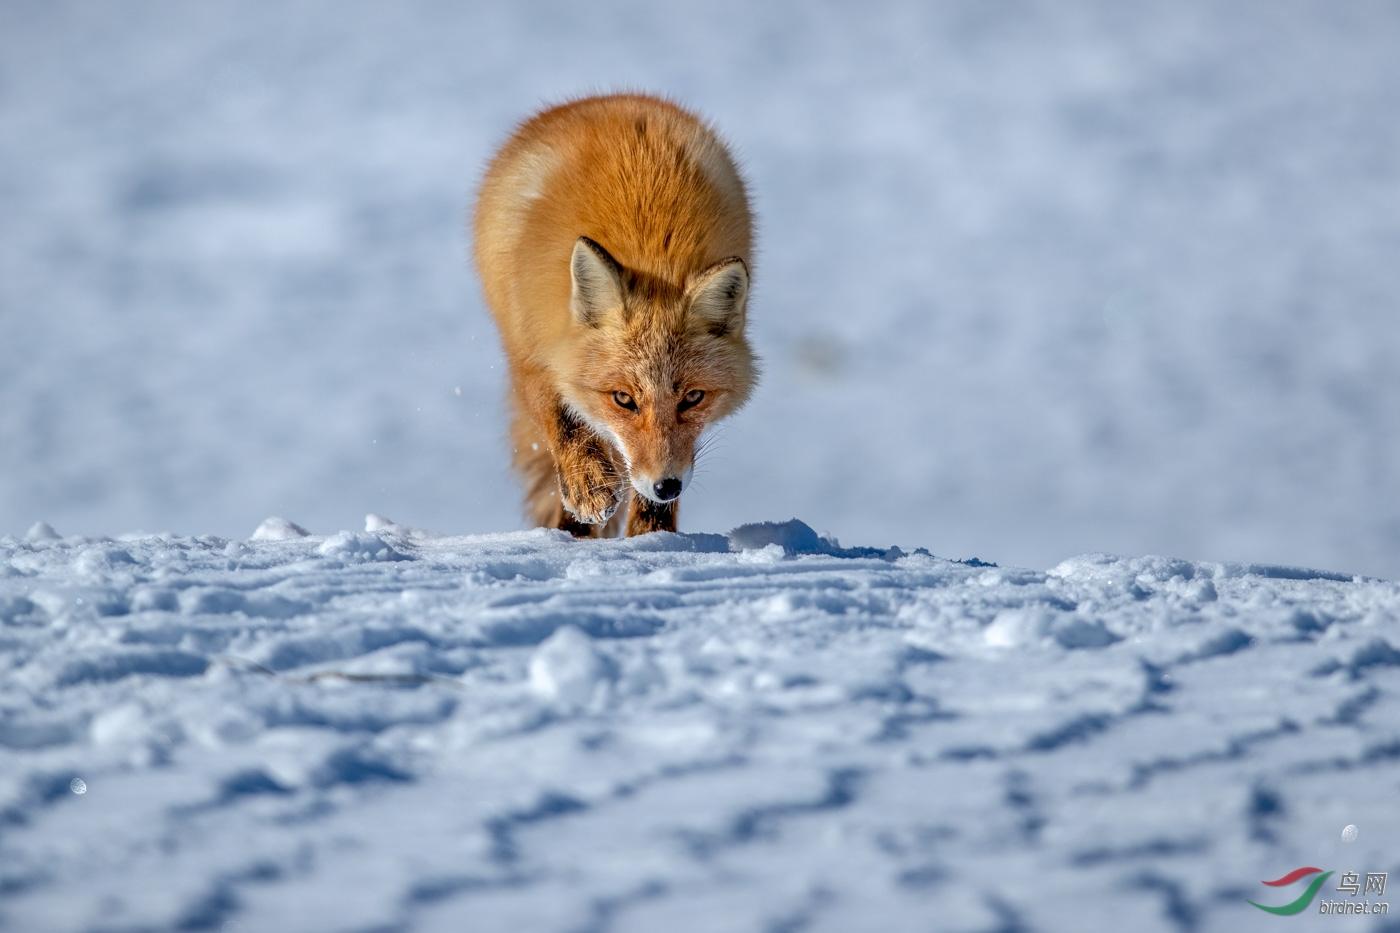 《狐狸》.jpg